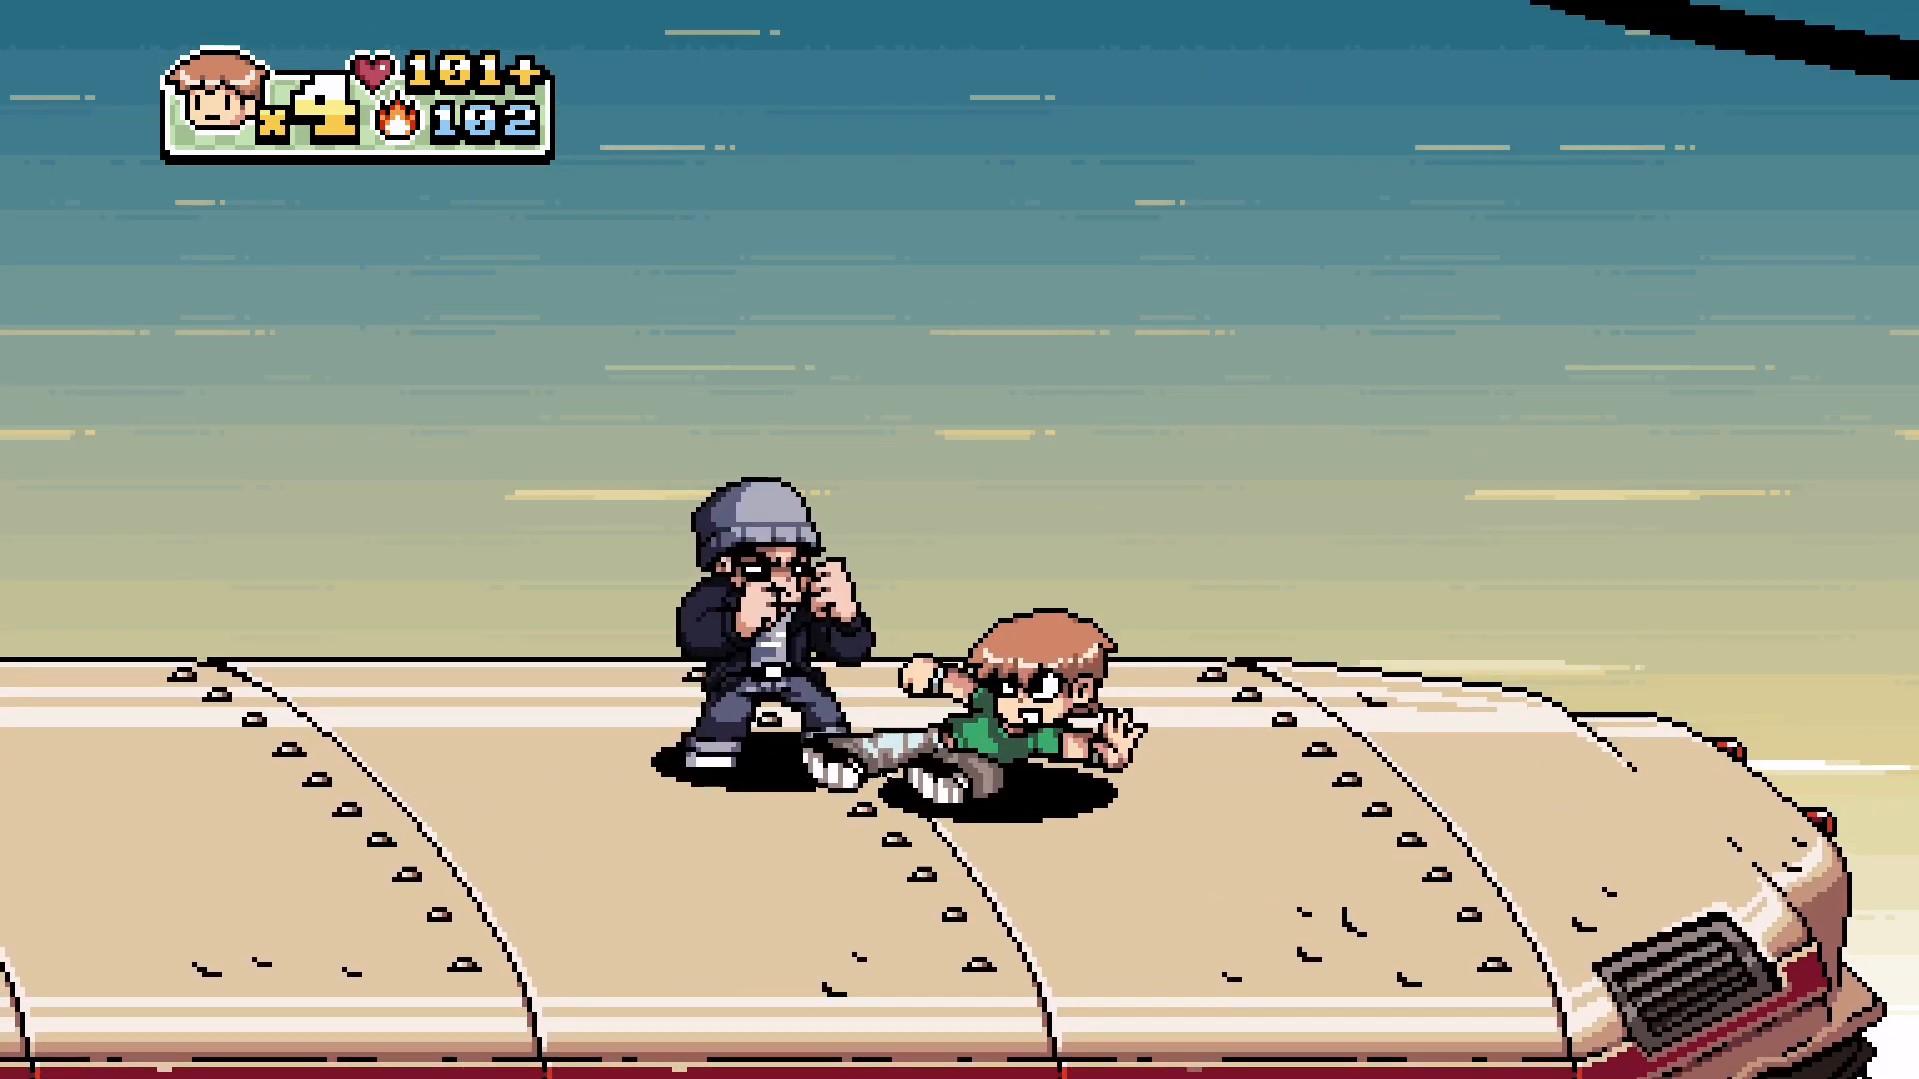 scott_pilgrim_vs_the_world_kiss Scott Pilgrim vs. The World: The Game Complete Edition - Nintendo Switch Review